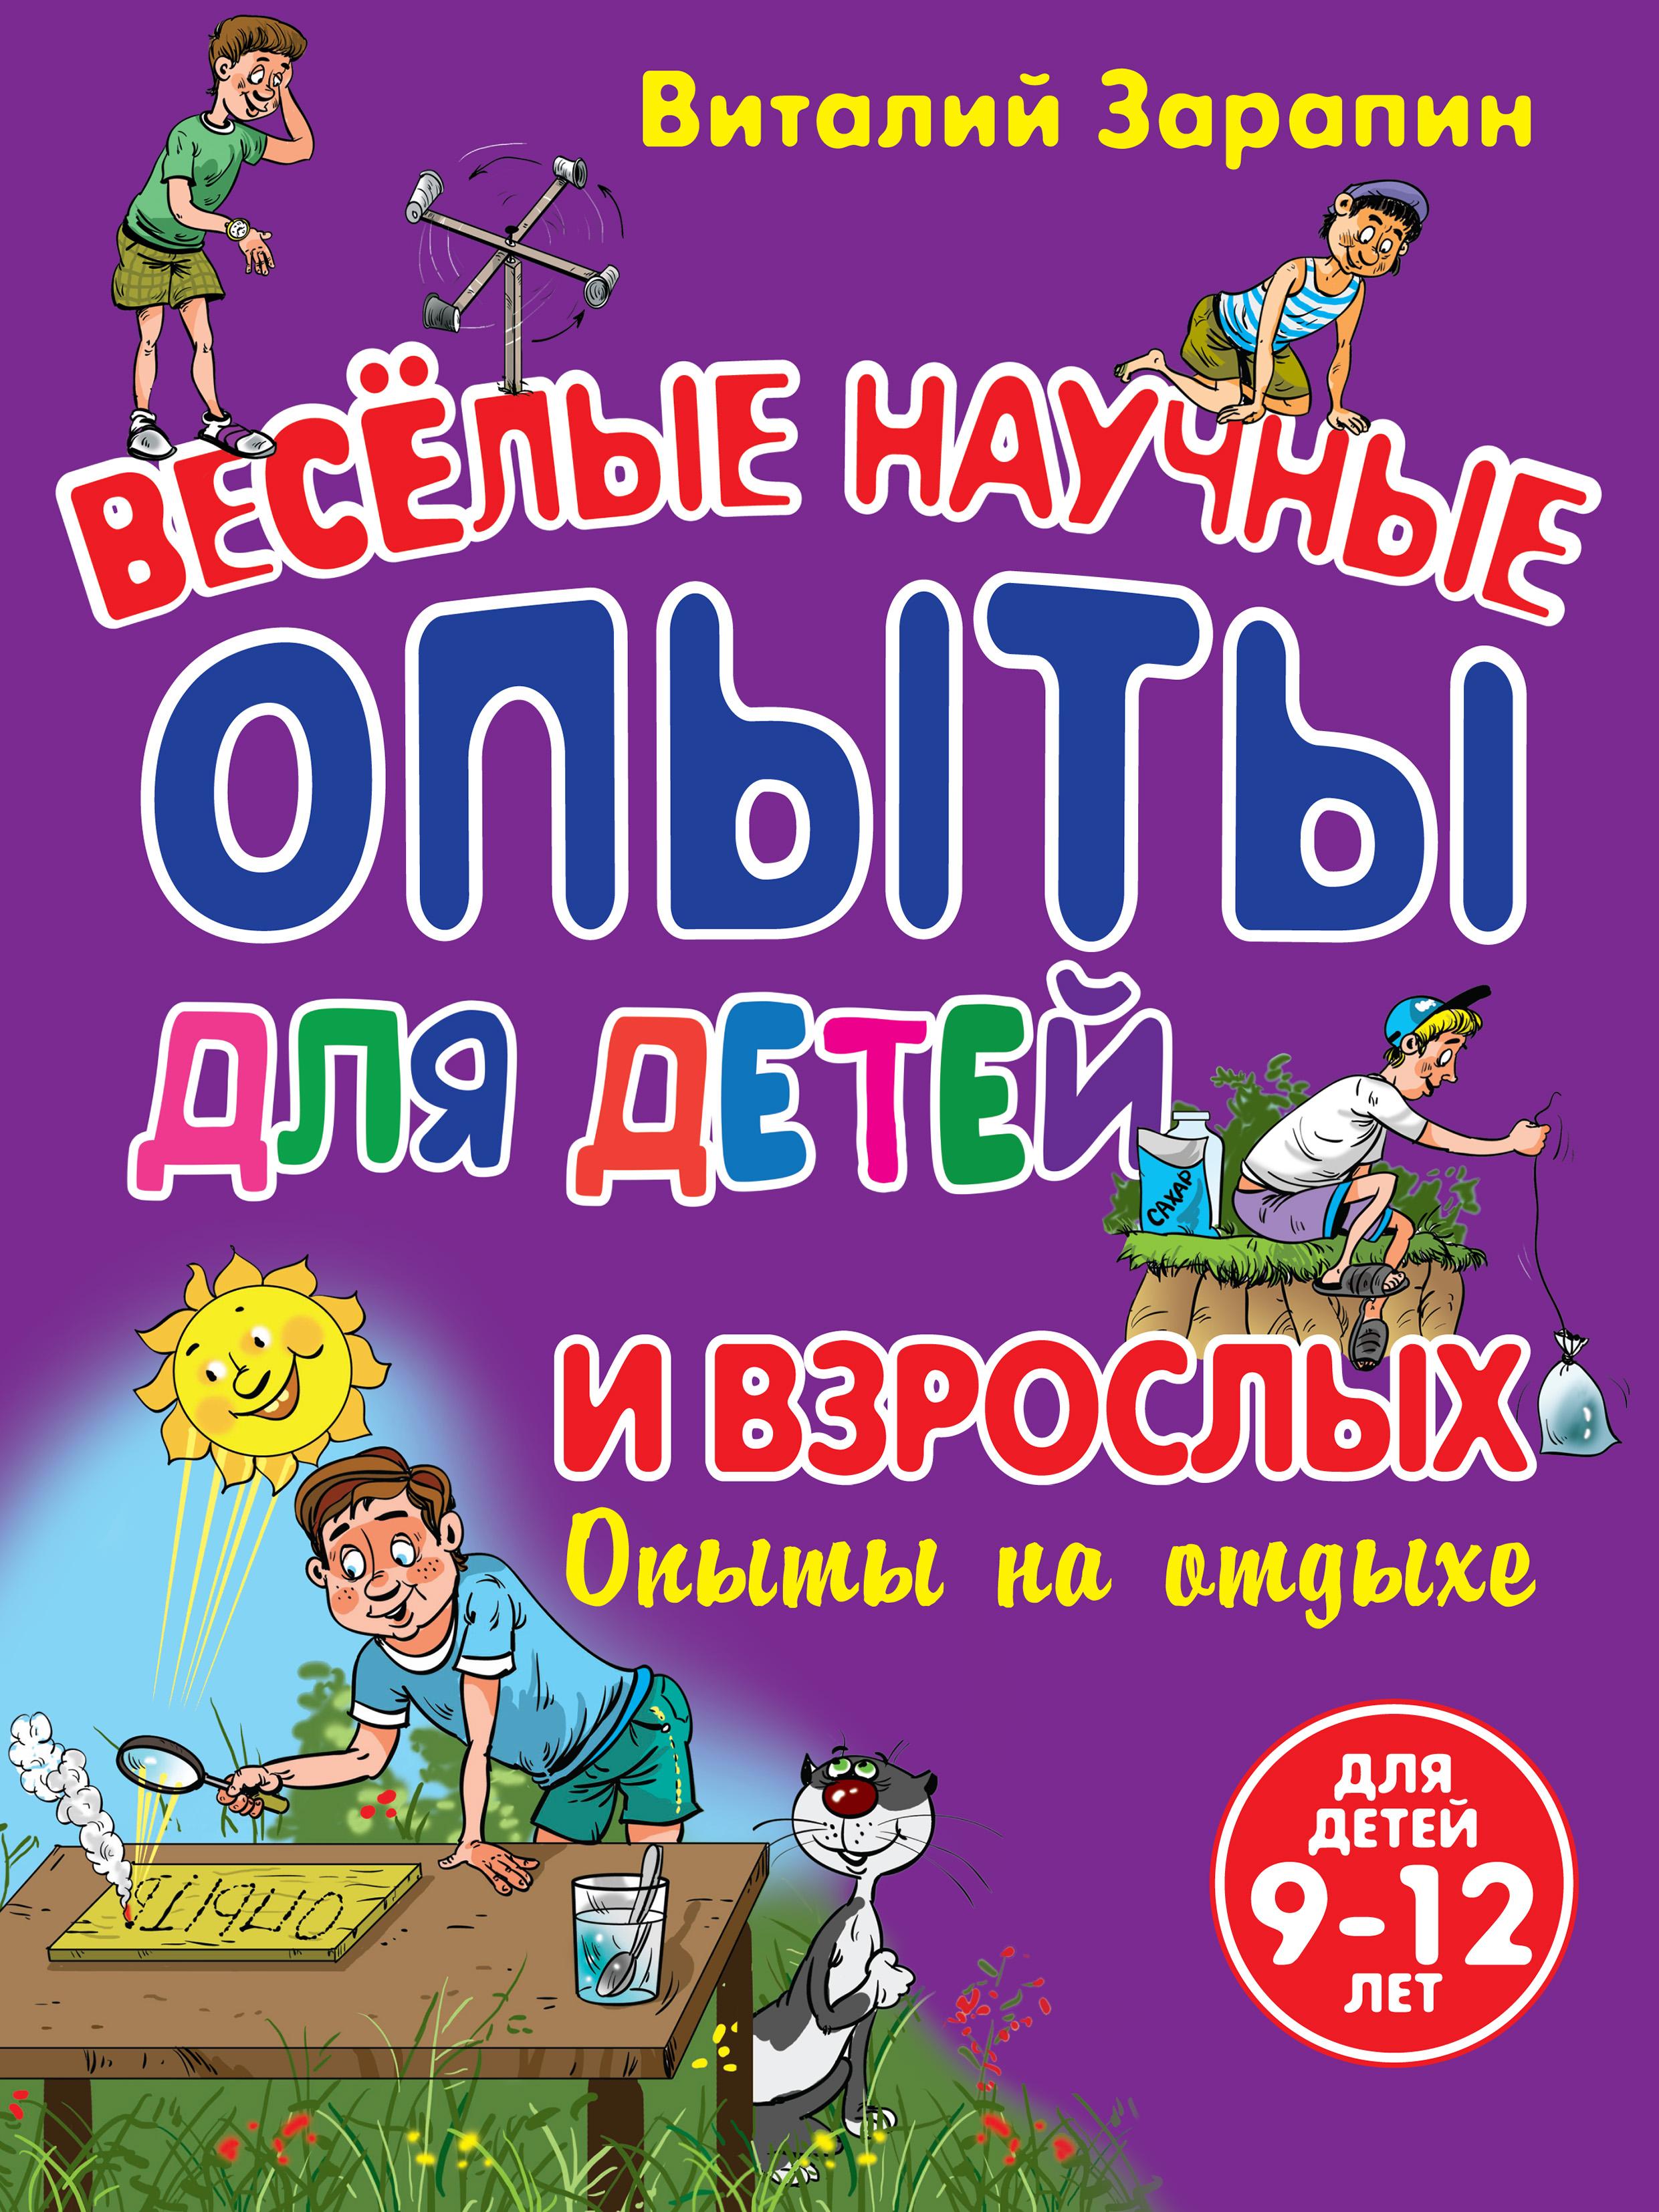 Виталий Зарапин Веселые научные опыты для детей и взрослых. Опыты на отдыхе зарапин в опыты тома тита удивительная механика